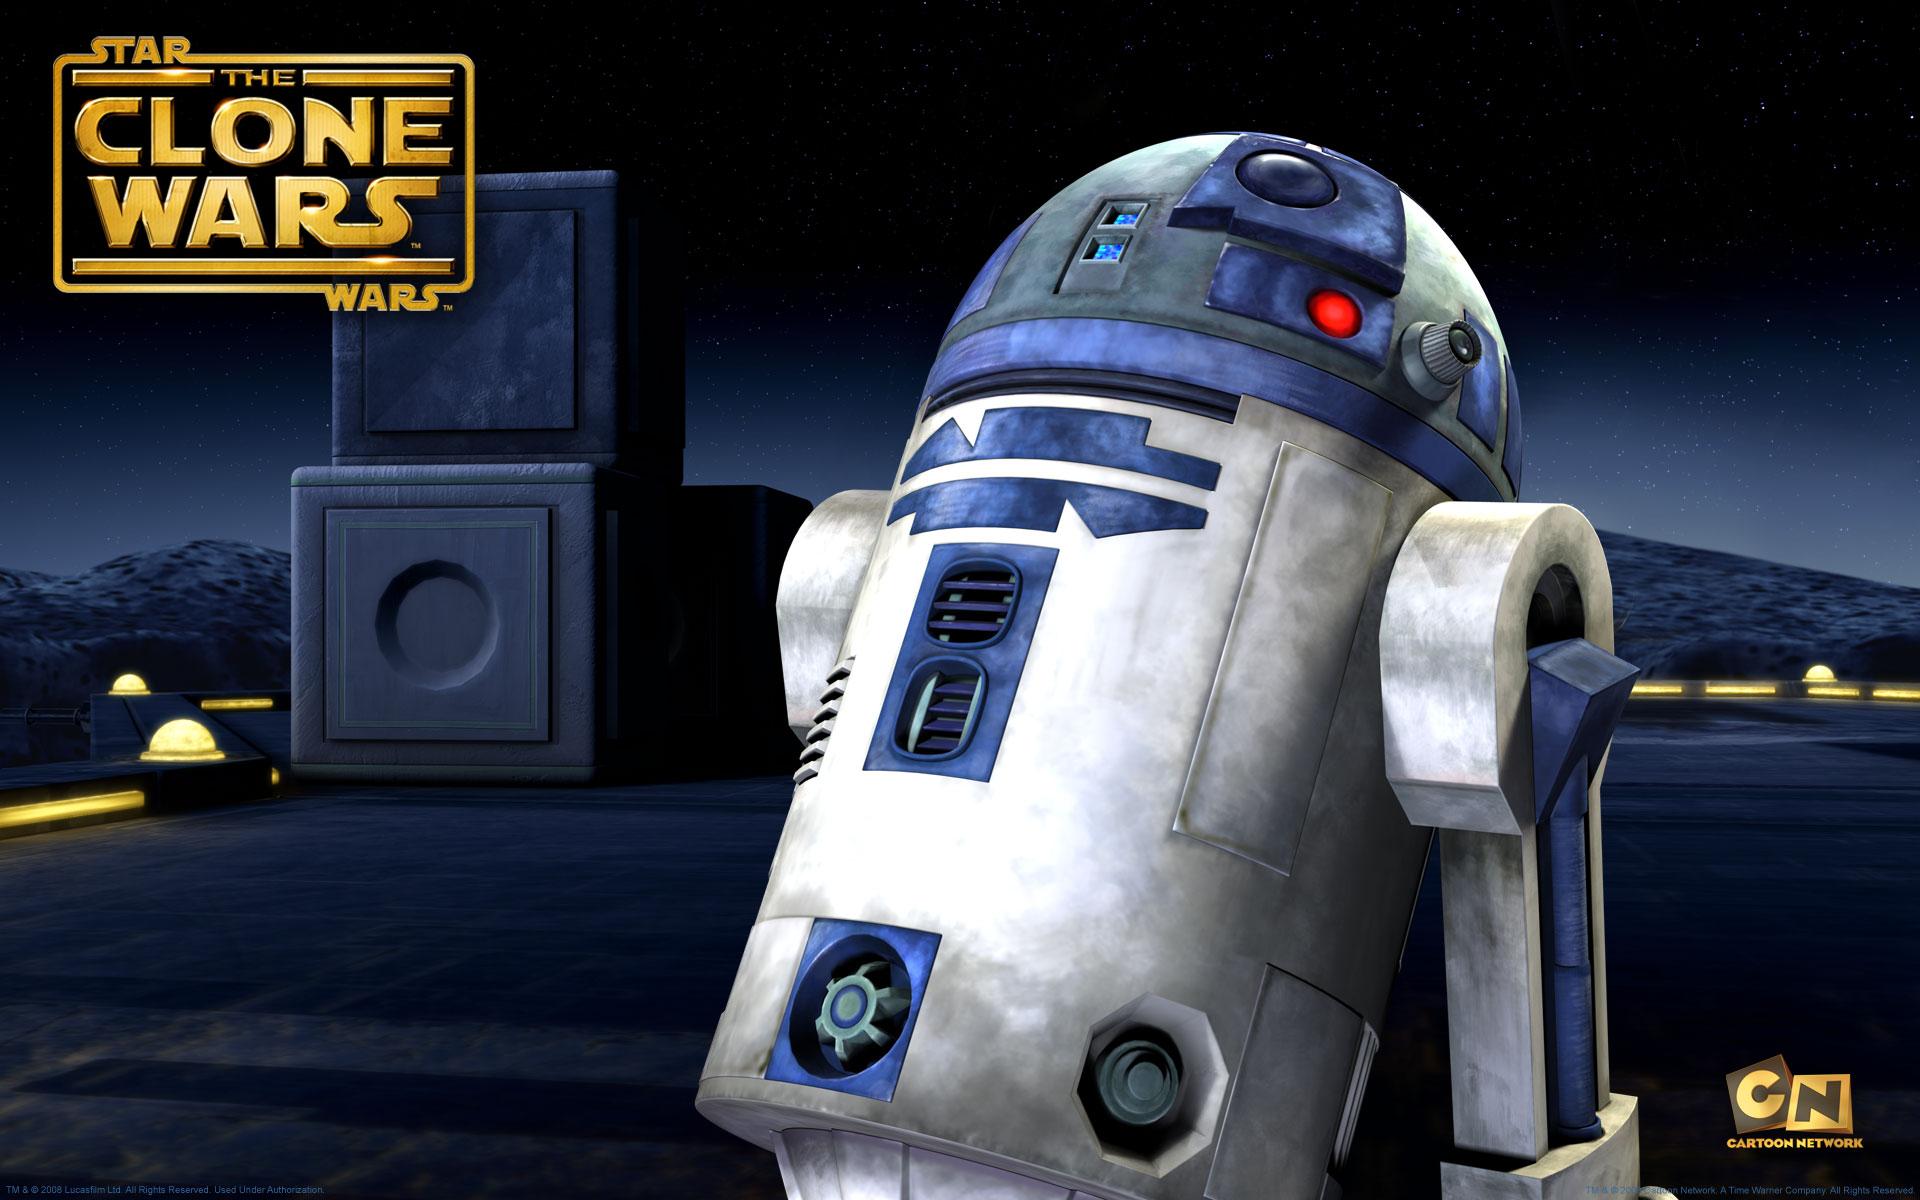 Star Wars The Clone Wars R2D2 wallpaper   259951 1920x1200